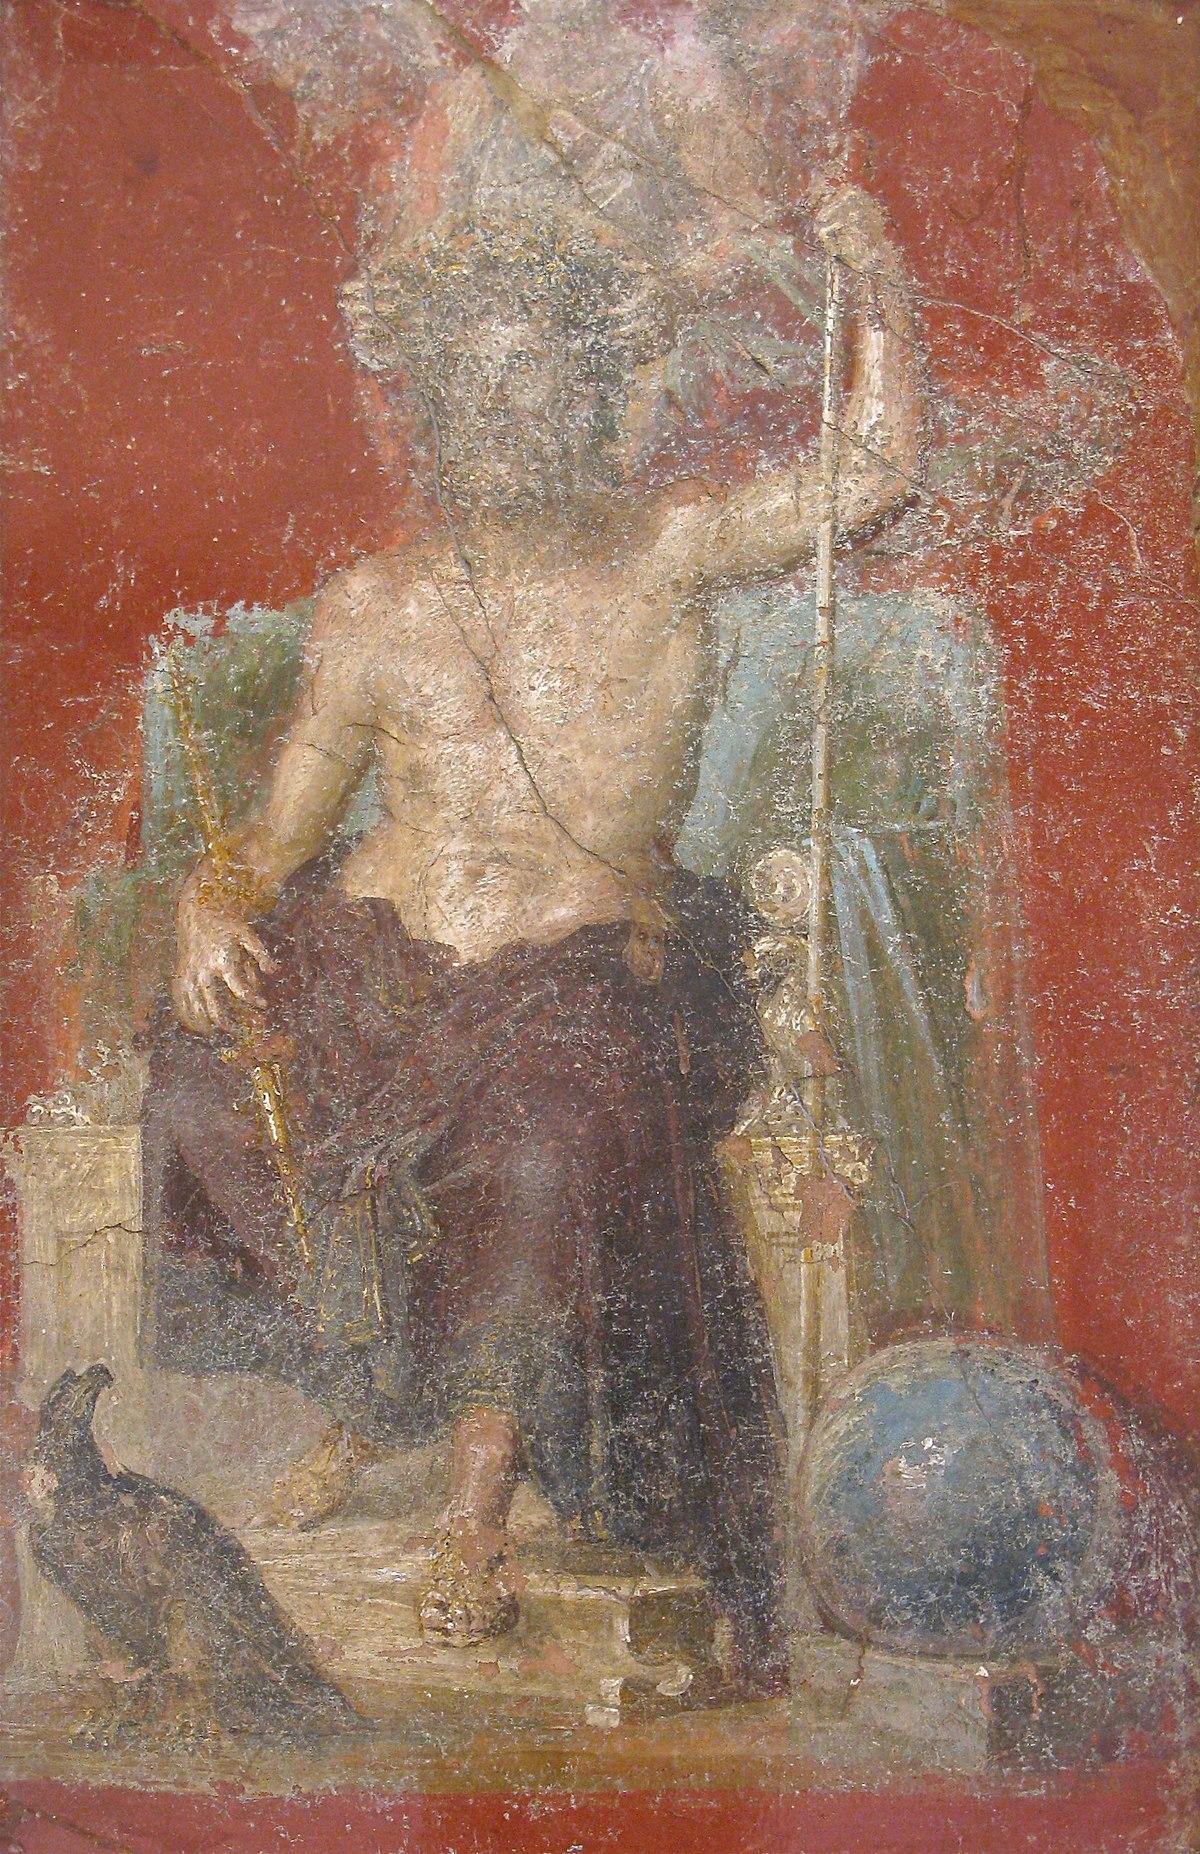 Jupiter (mythology) - Wikiquote